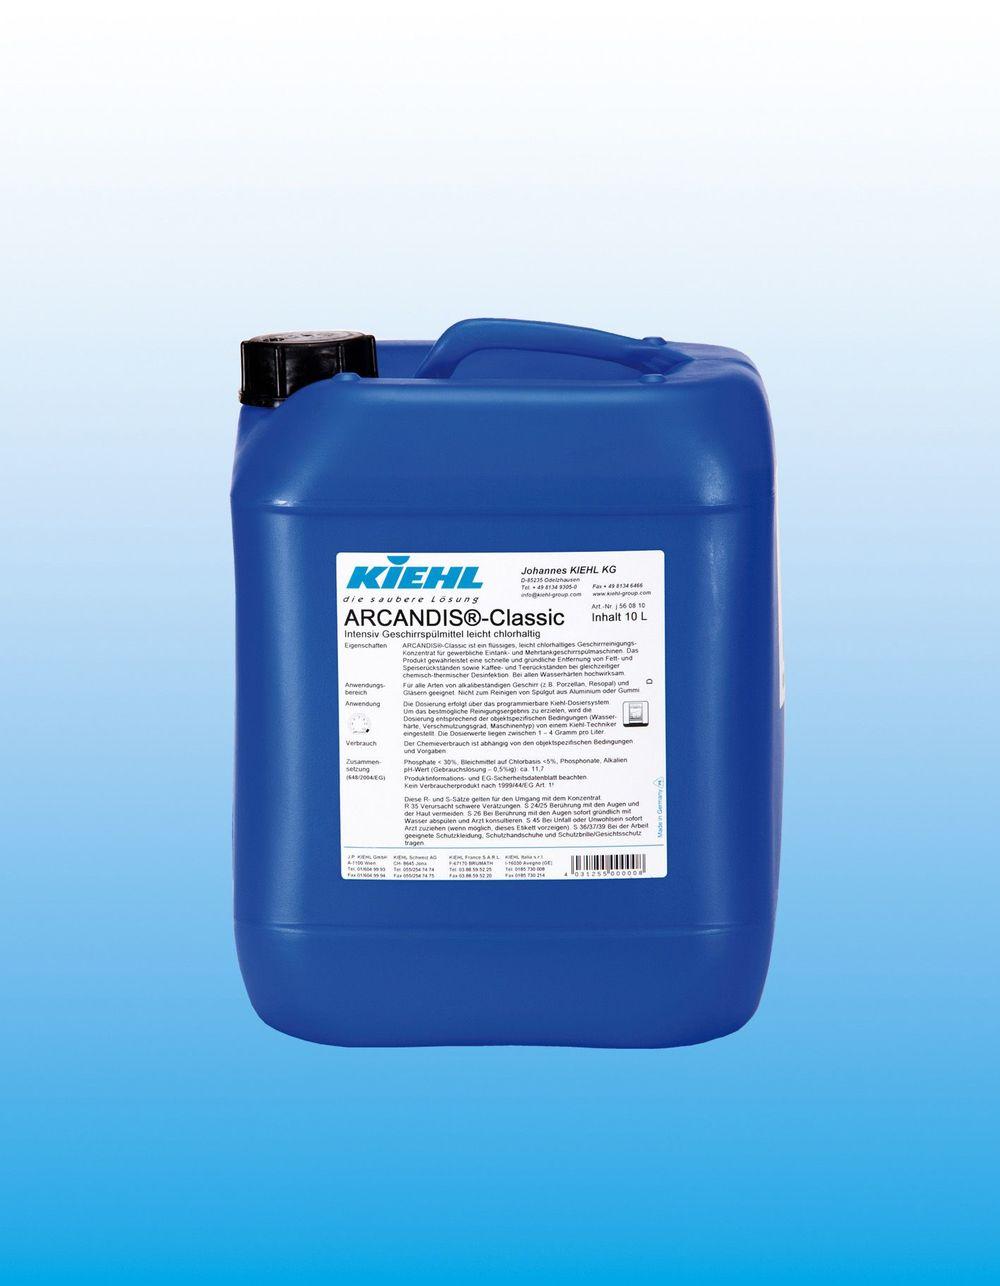 Arcandis Classic     Mildt kloret maskinoppvask    Konsentrert oppvaskmiddel for alle typer profesjonelle oppvaskmaskiner. ARCANDIS®-Classic fjerner raskt og effektivt kaffe og te flekker, samt vanskelige matrester. Produktet er svært effektivt uansett vannhardhet.